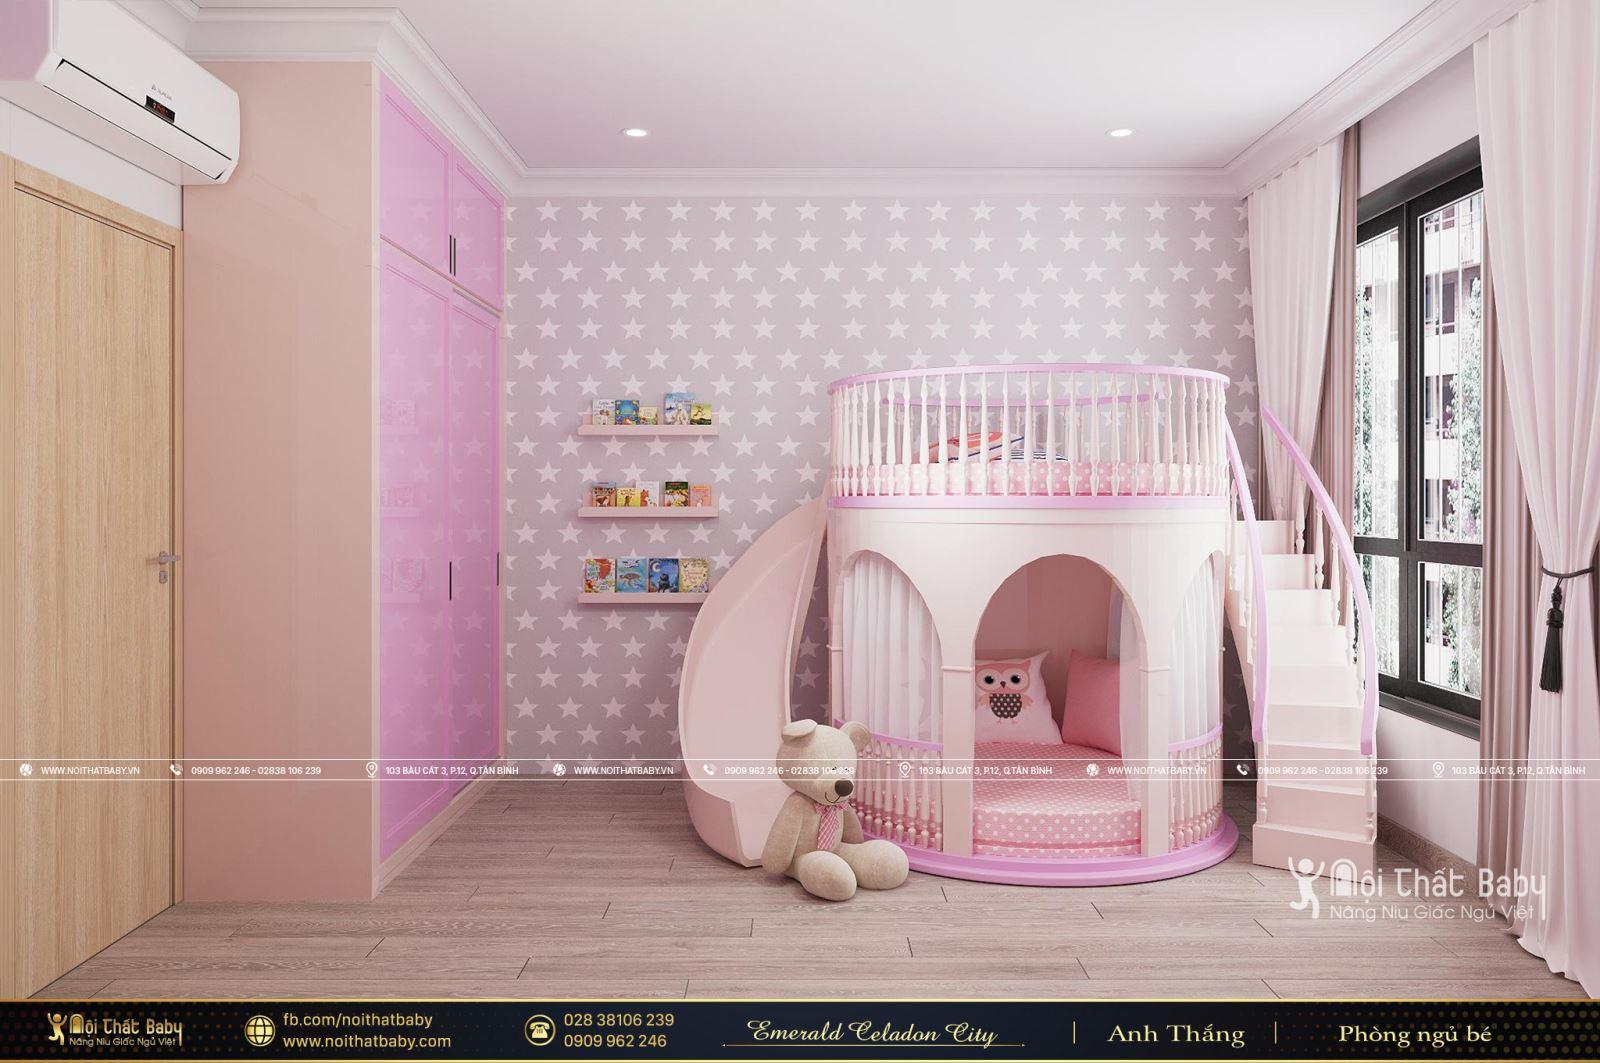 Thiết kế giường tầng lâu đài cho bé căn Emerald Celadon City 106m2